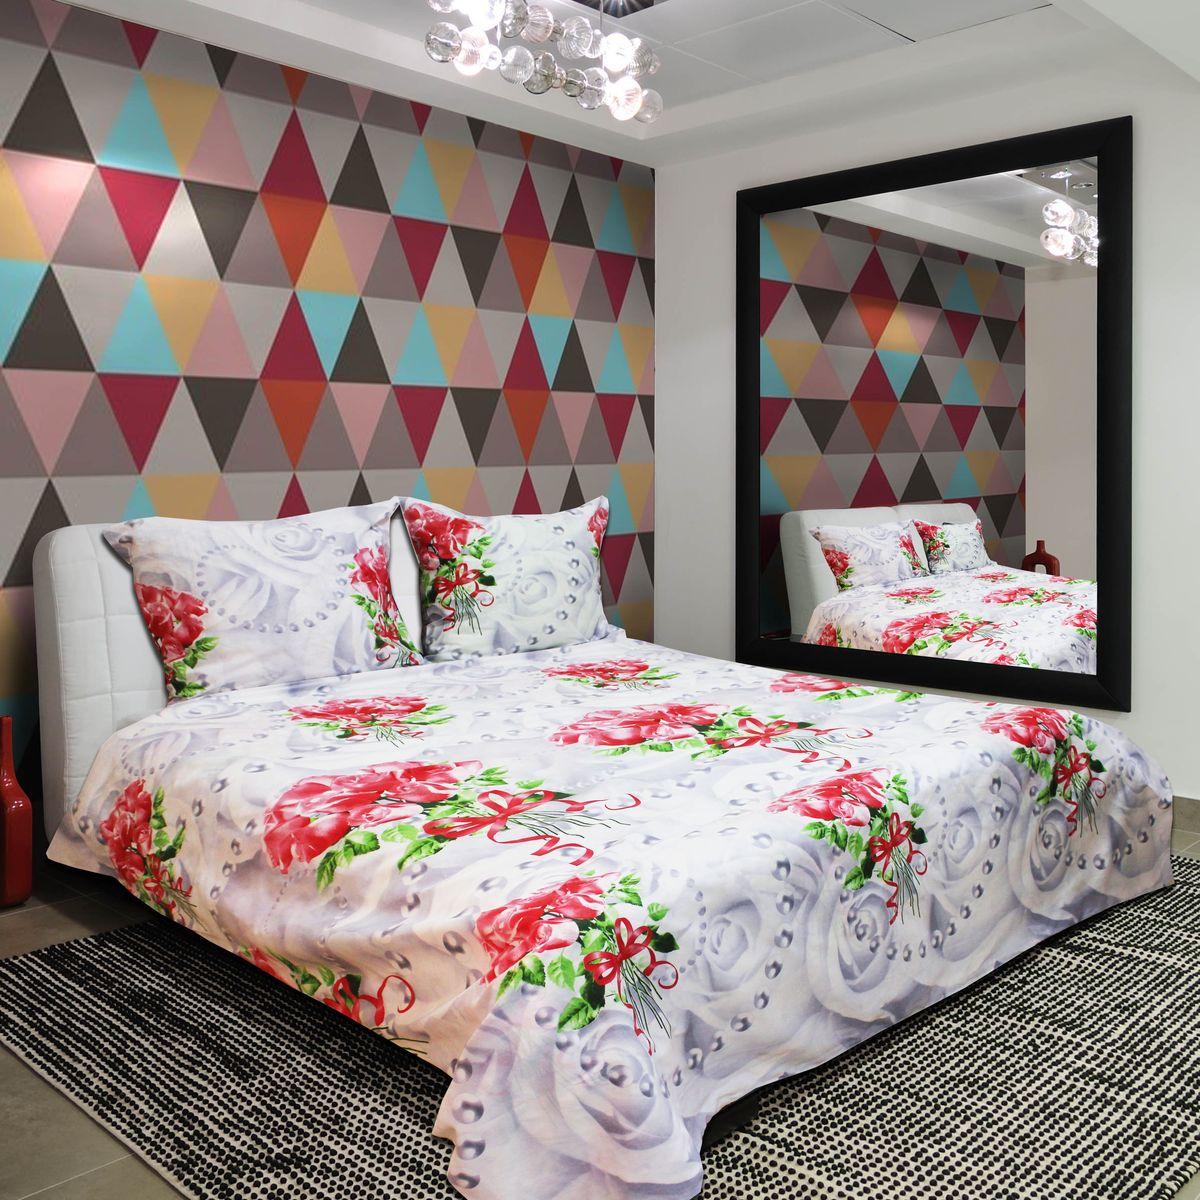 Комплект белья Amore Mio Pearl, 2-спальный, наволочки 70х7077727Постельное белье из бязи практично и долговечно, а самое главное - это 100% хлопок! Материал великолепно отводит влагу, отлично пропускает воздух, не капризен в уходе, легко стирается и гладится. Новая коллекция Naturel 3-D дизайнов позволит выбрать постельное белье на любой вкус!